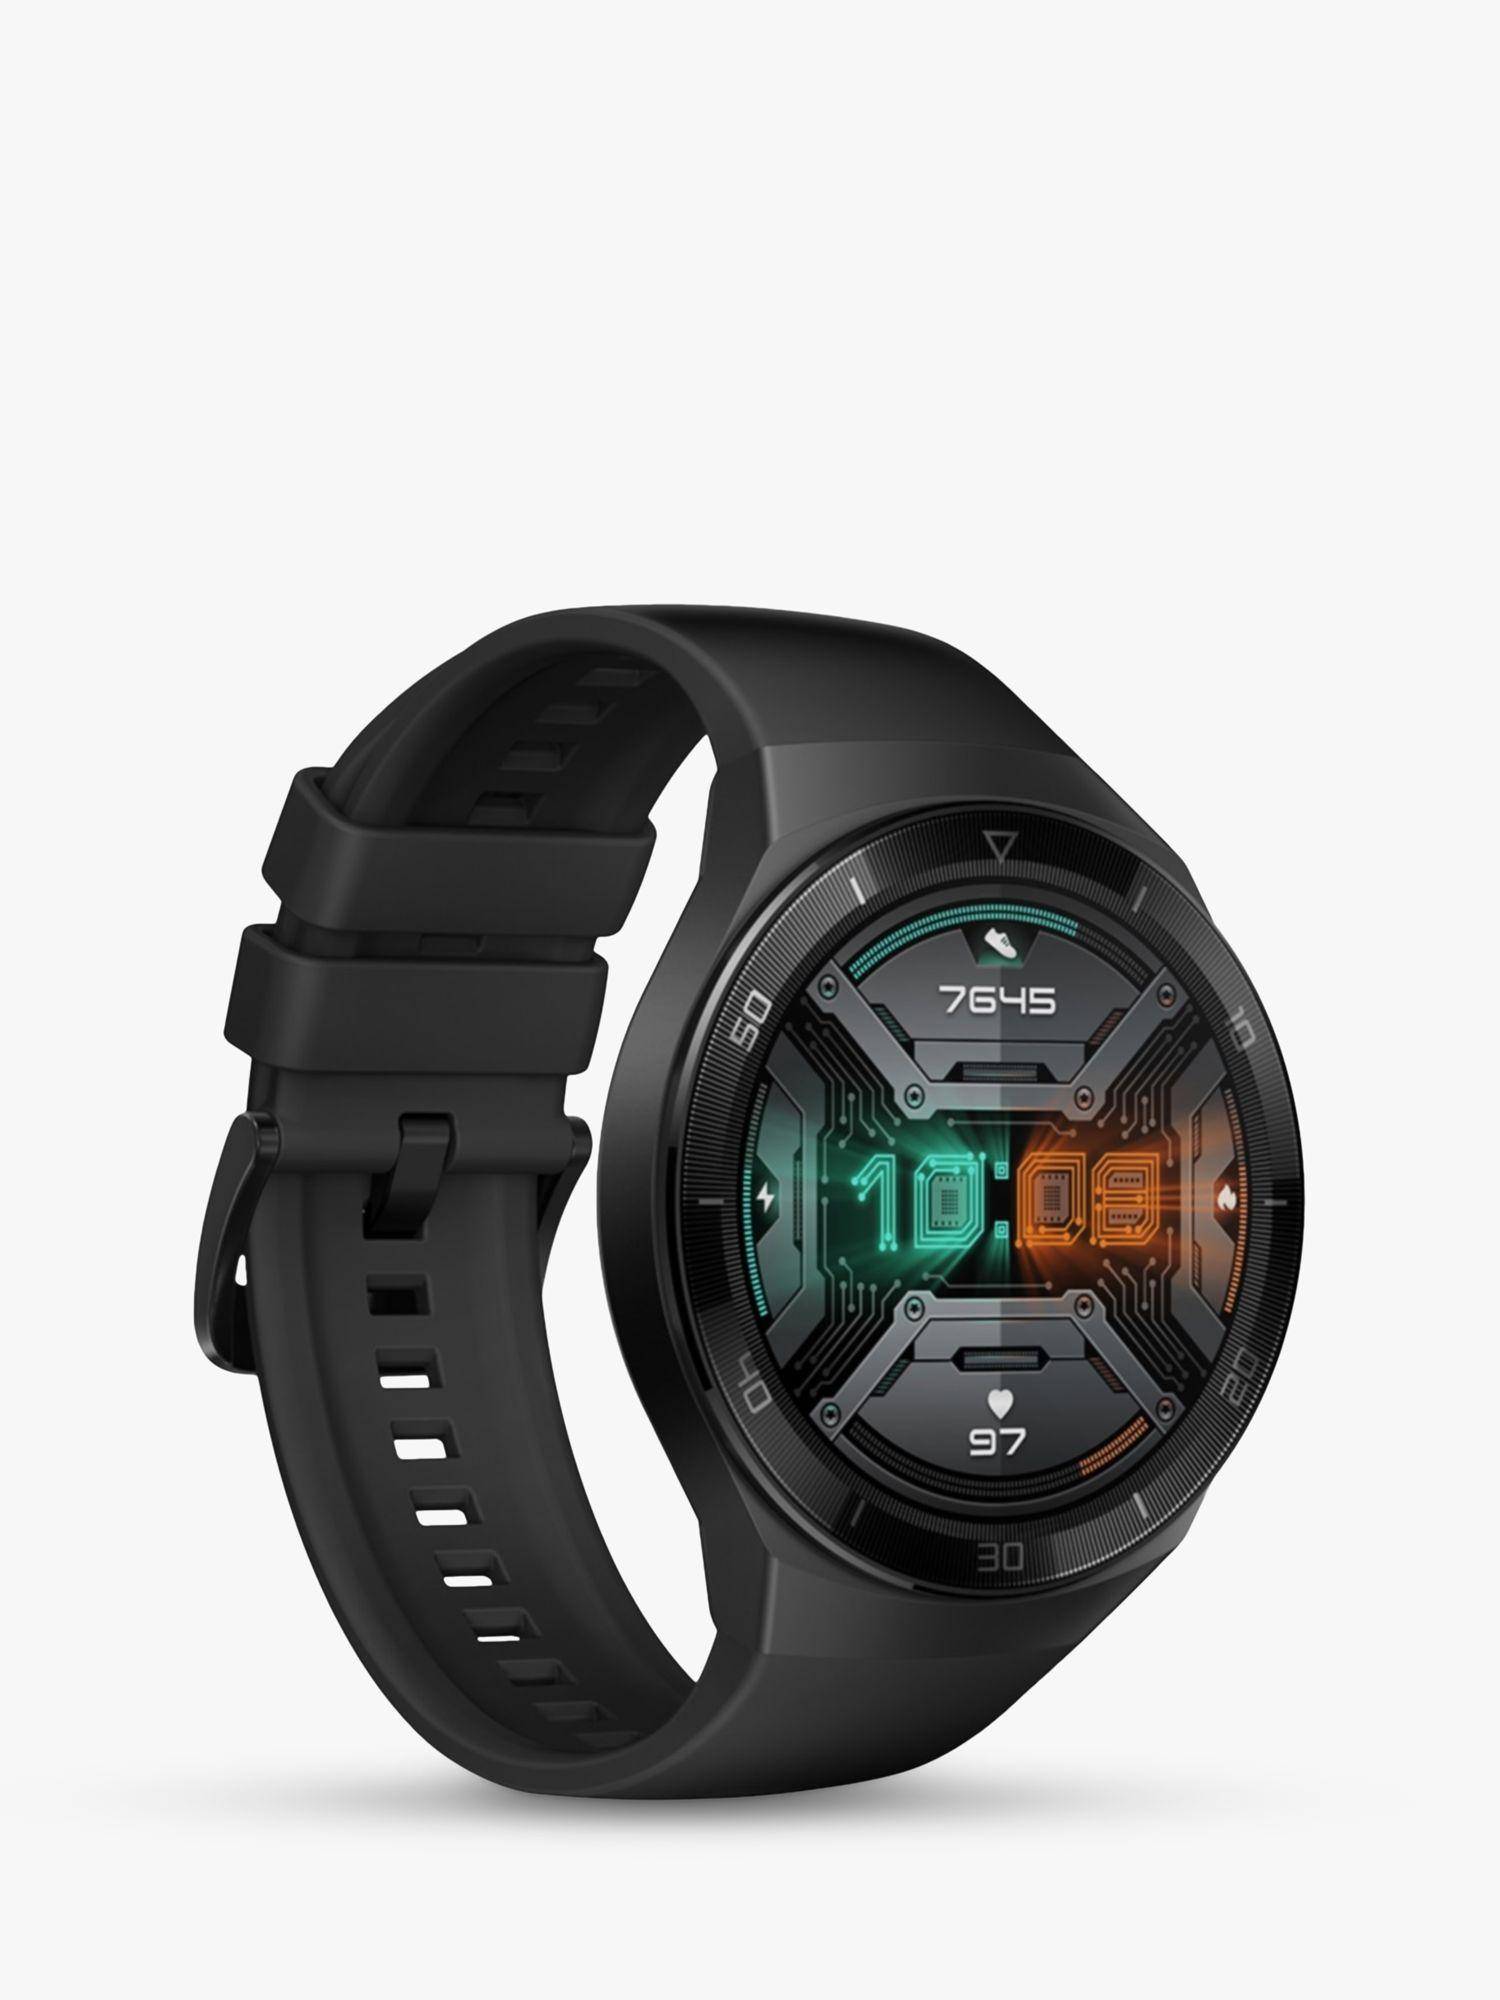 Huawei Watch GT 2e Smart Watch with GPS